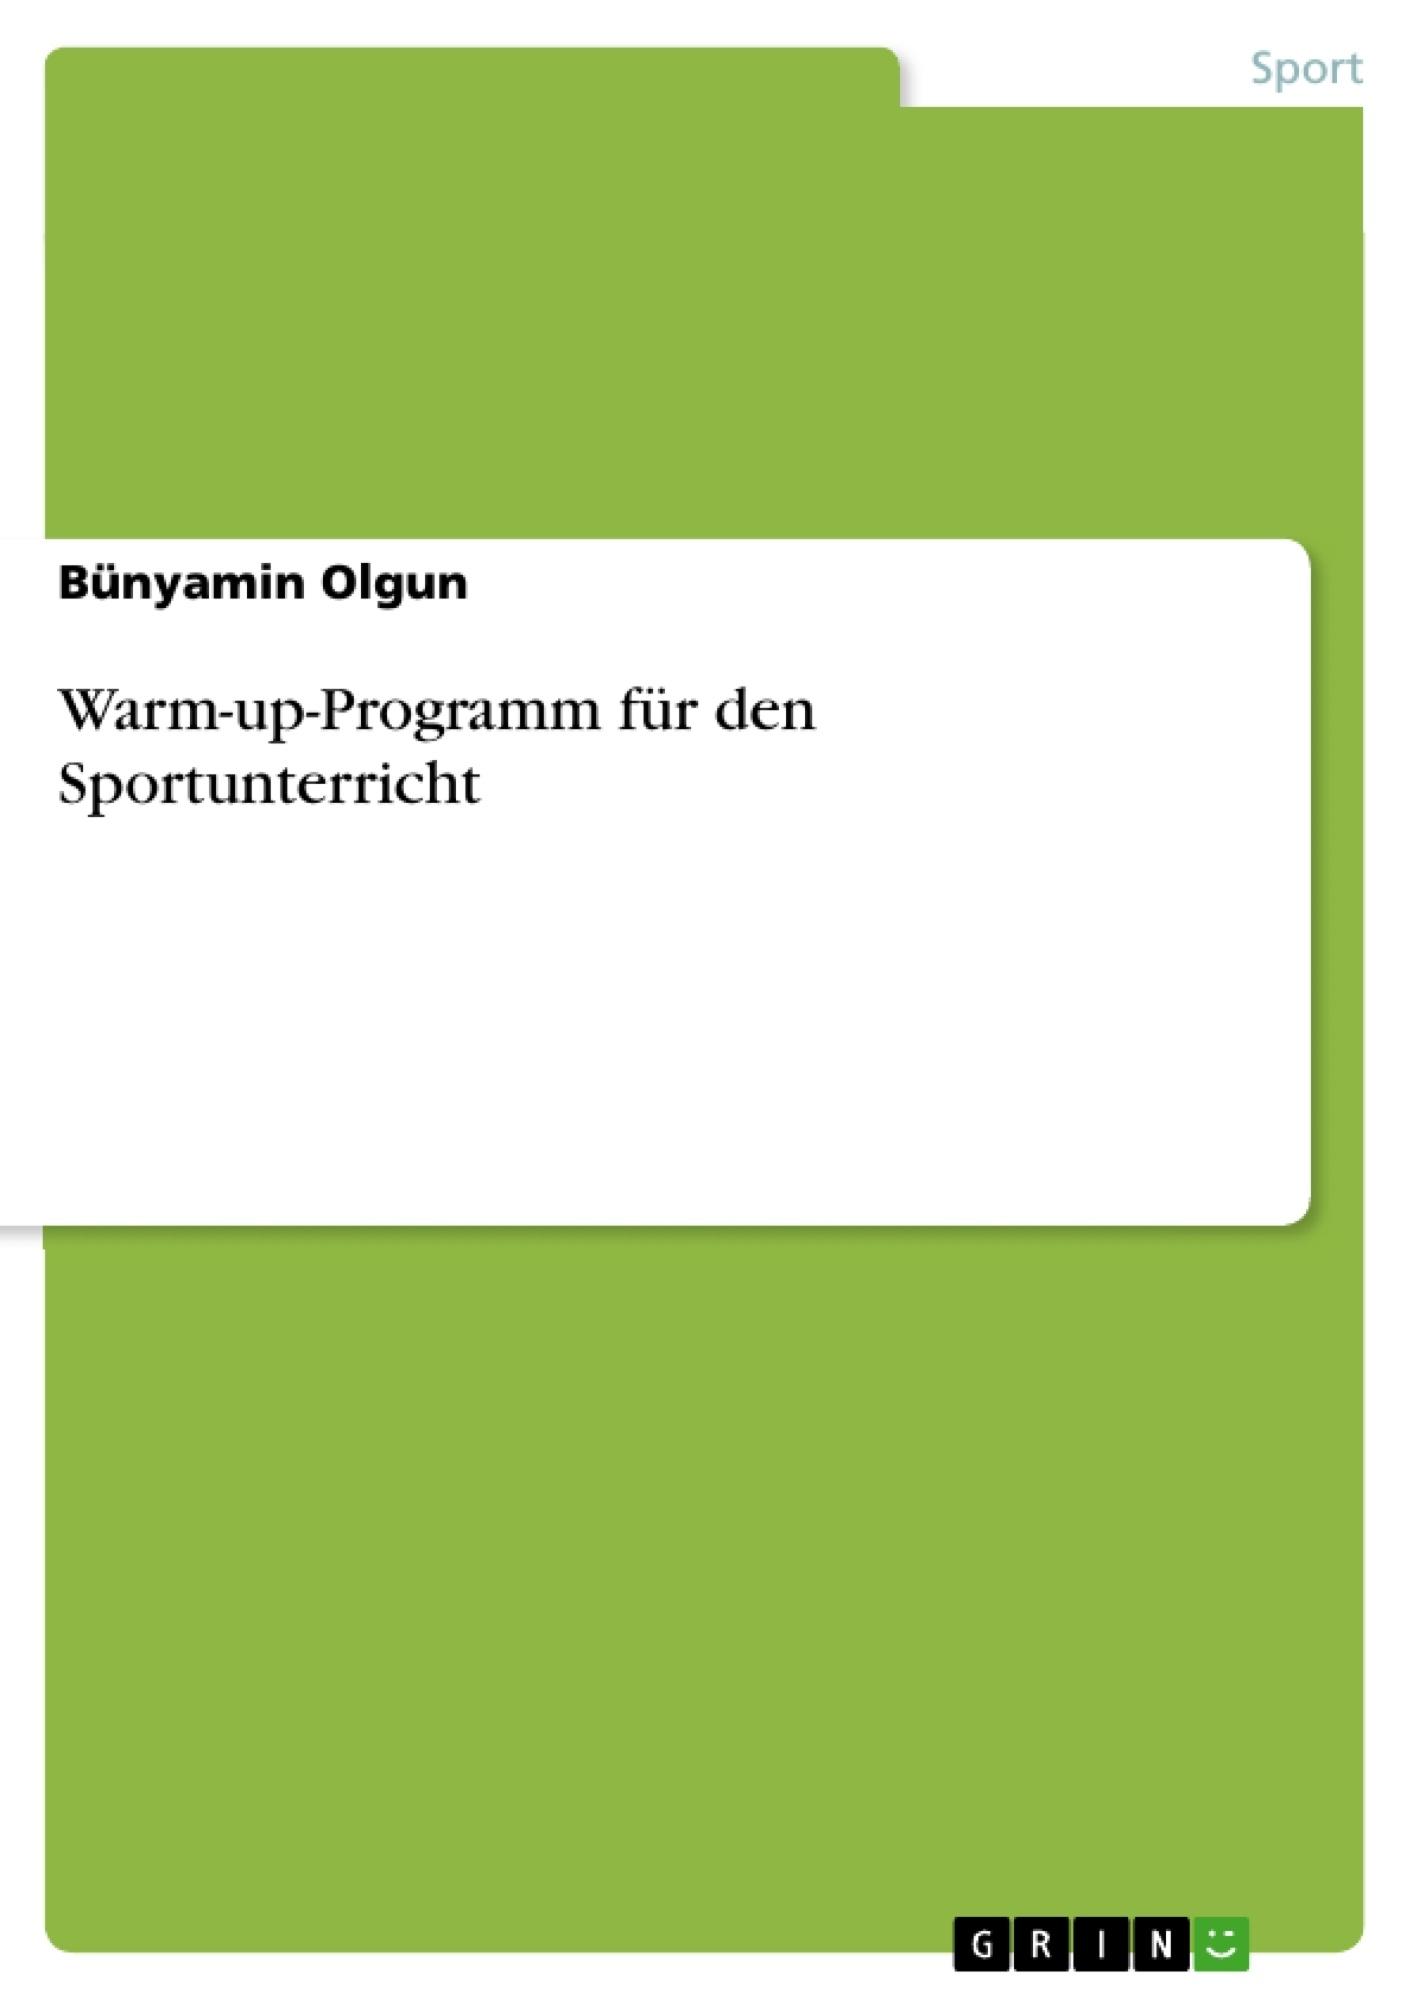 Titel: Warm-up-Programm für den Sportunterricht